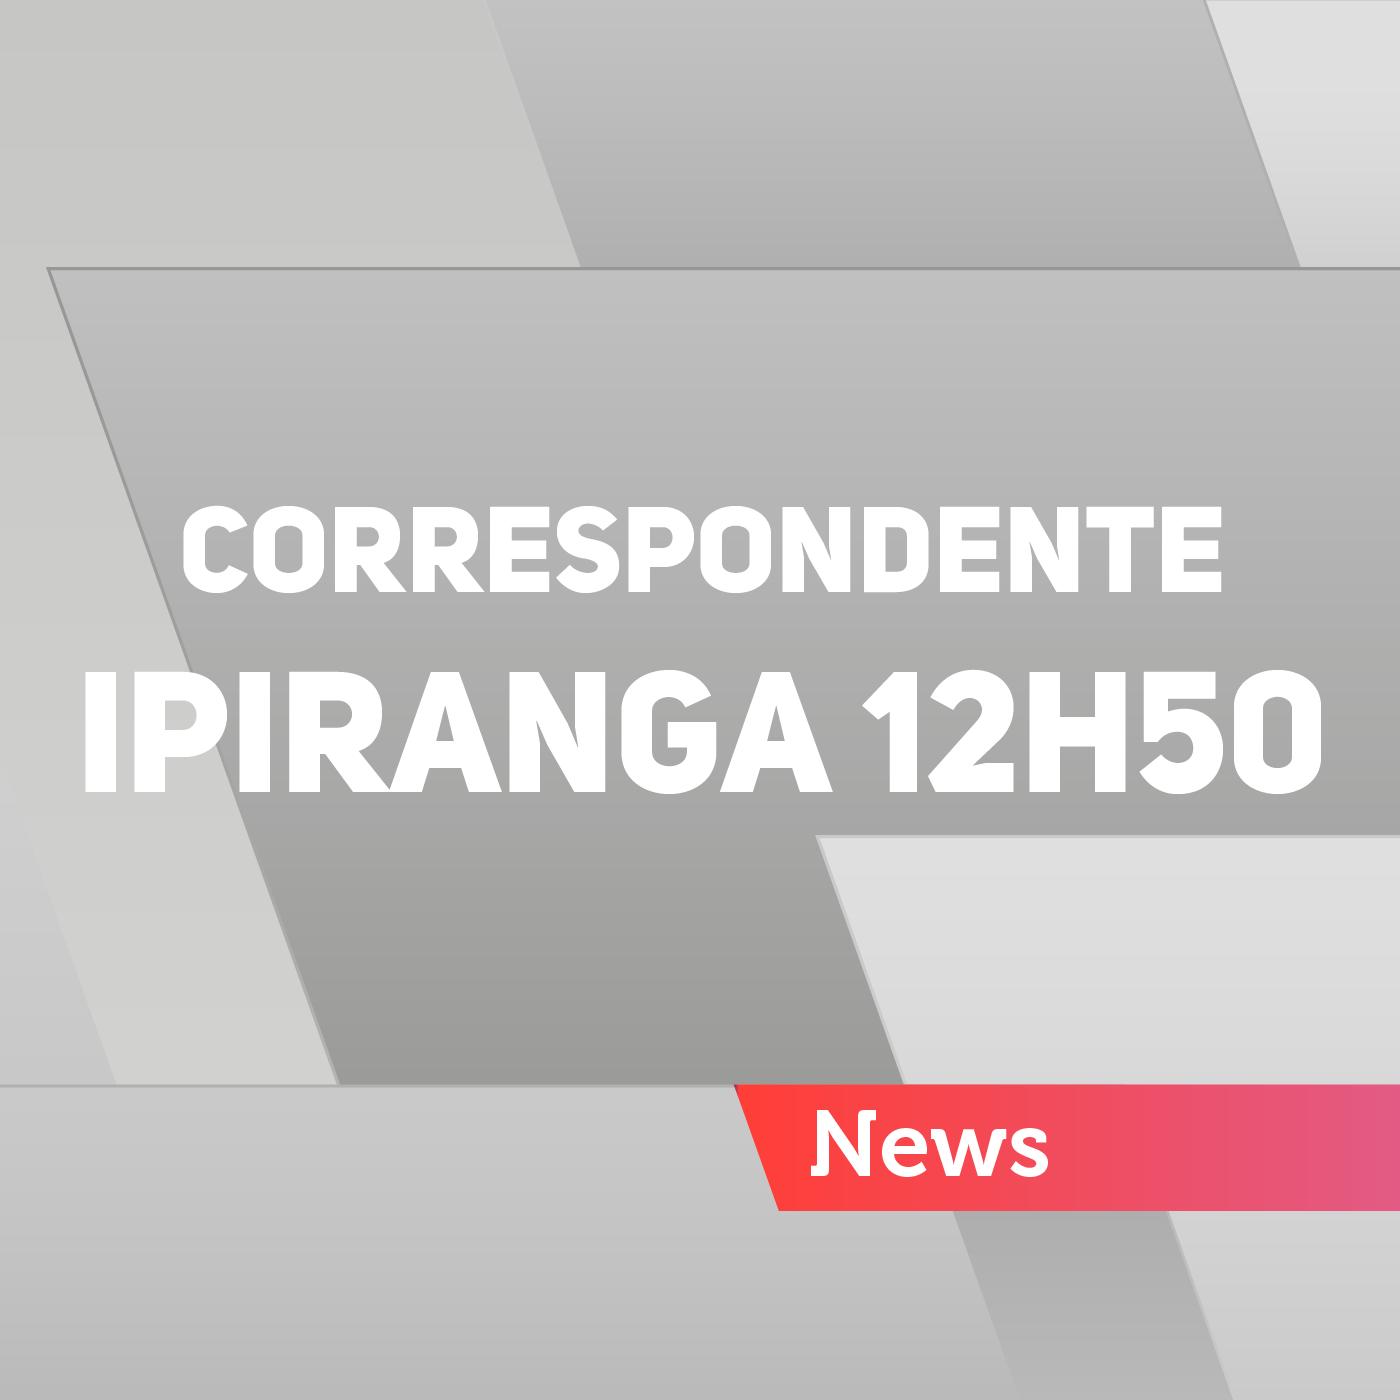 Correspondente Ipiranga 12h50 – 21/01/2018